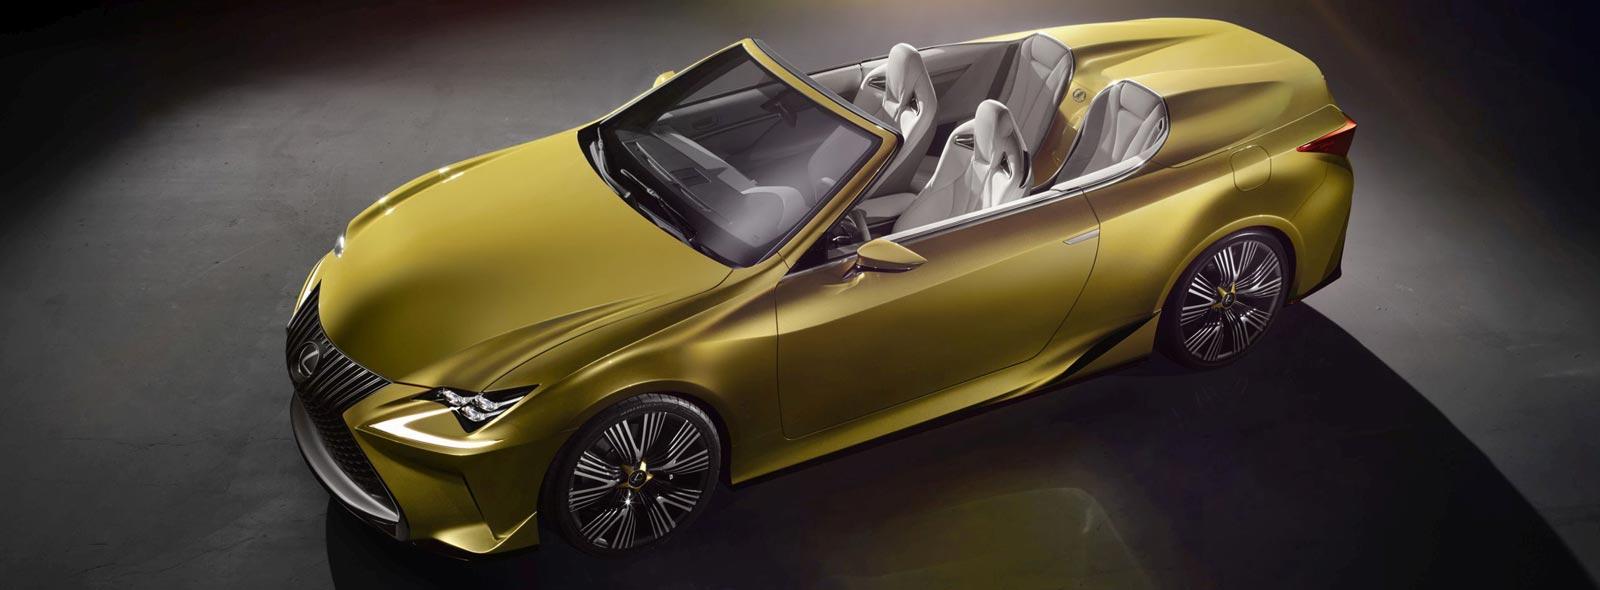 Vista diagonale dall alto del concept Lexus LF C2 colore giallo ocra